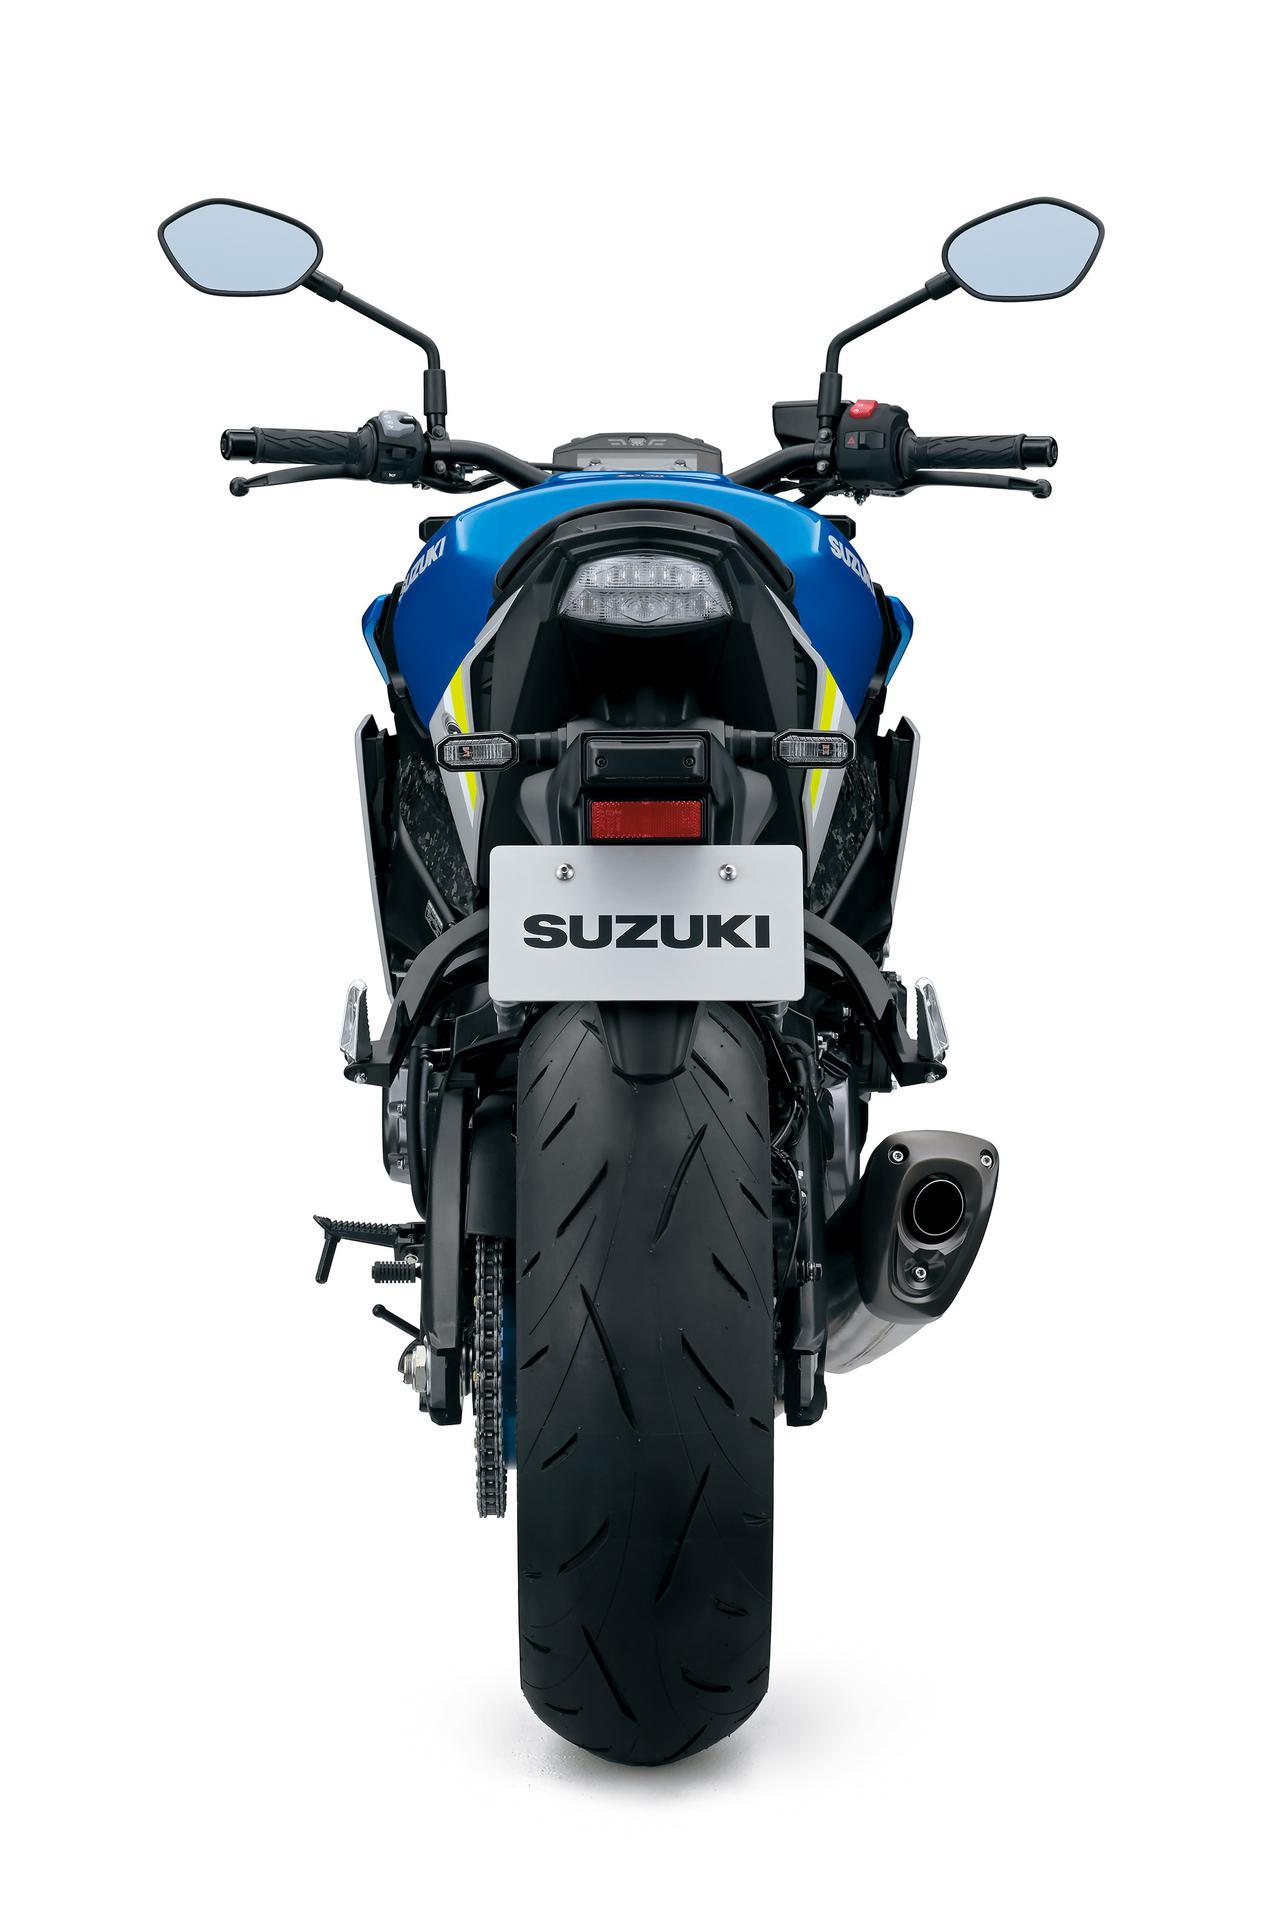 Images : 5番目の画像 - 「【写真55枚】スズキ新型『GSX-S1000』全部見せます! とにかく写真をたくさん見たい人はこちら!【SUZUKI GSX-S1000(2021)/写真アルバム編】」のアルバム - スズキのバイク!- 新車情報や最新ニュースをお届けします